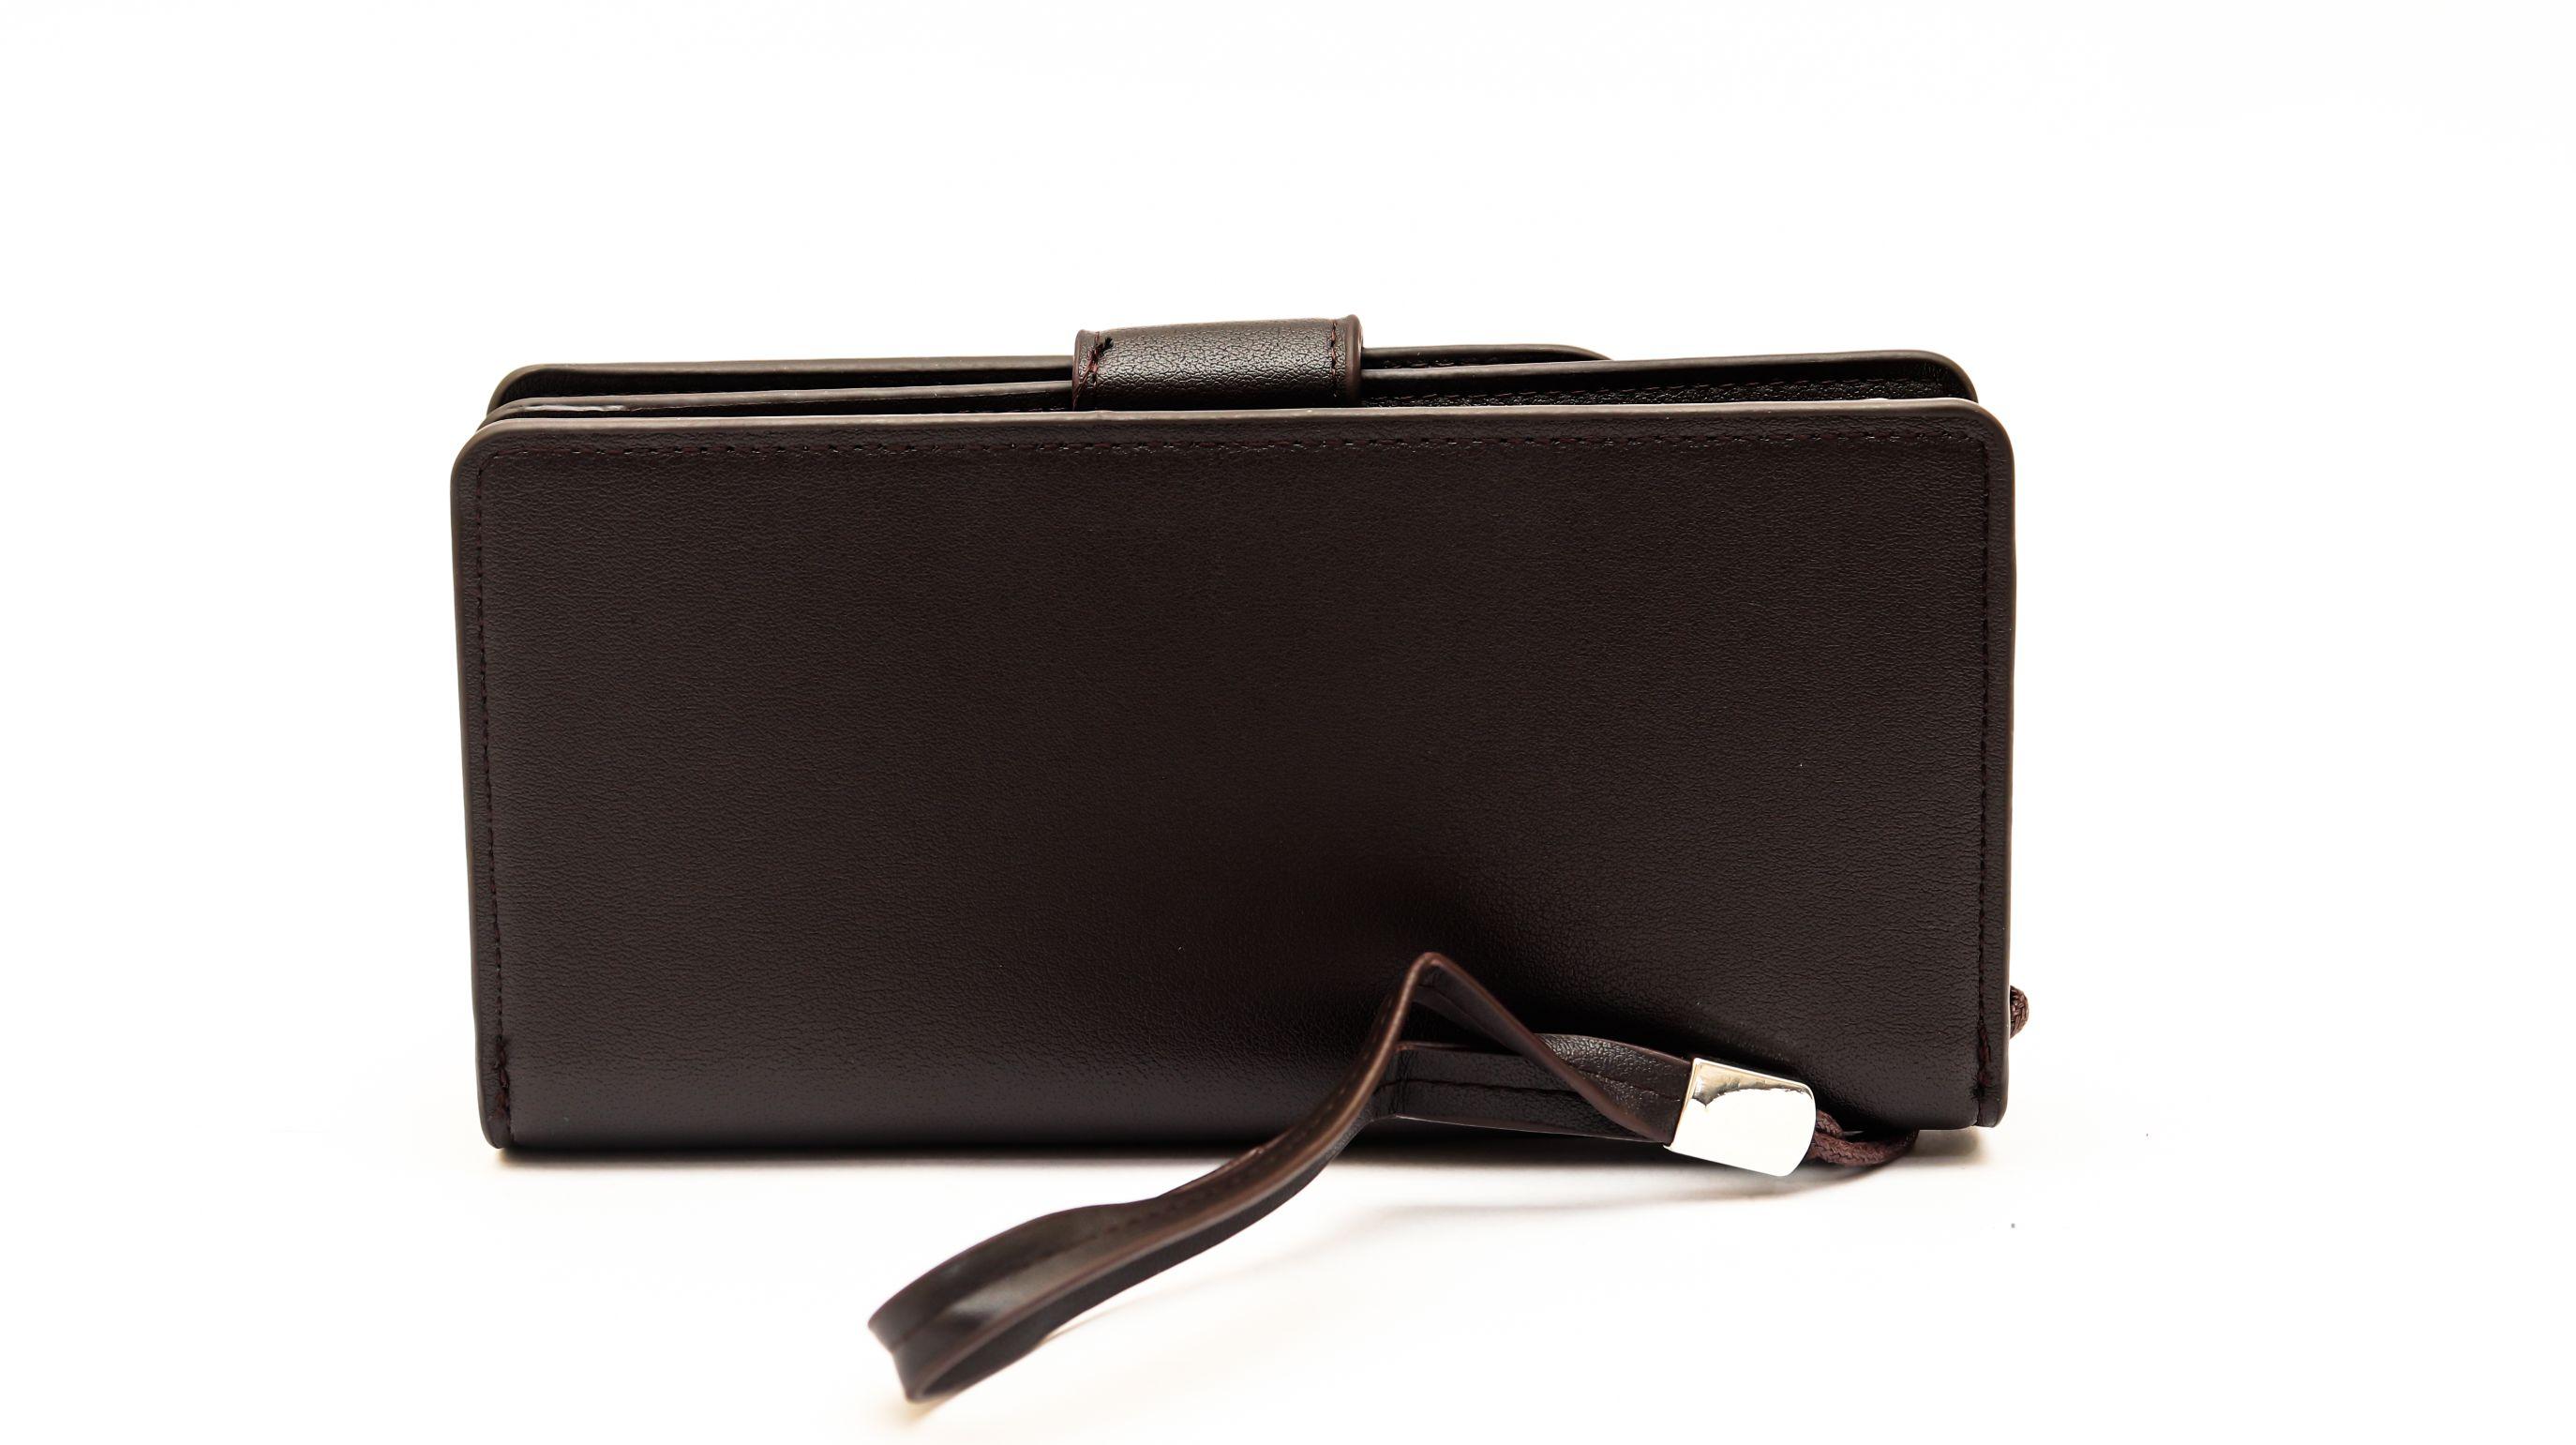 محفظة beallerry لون بني بسوستة و كابسولة خارجية